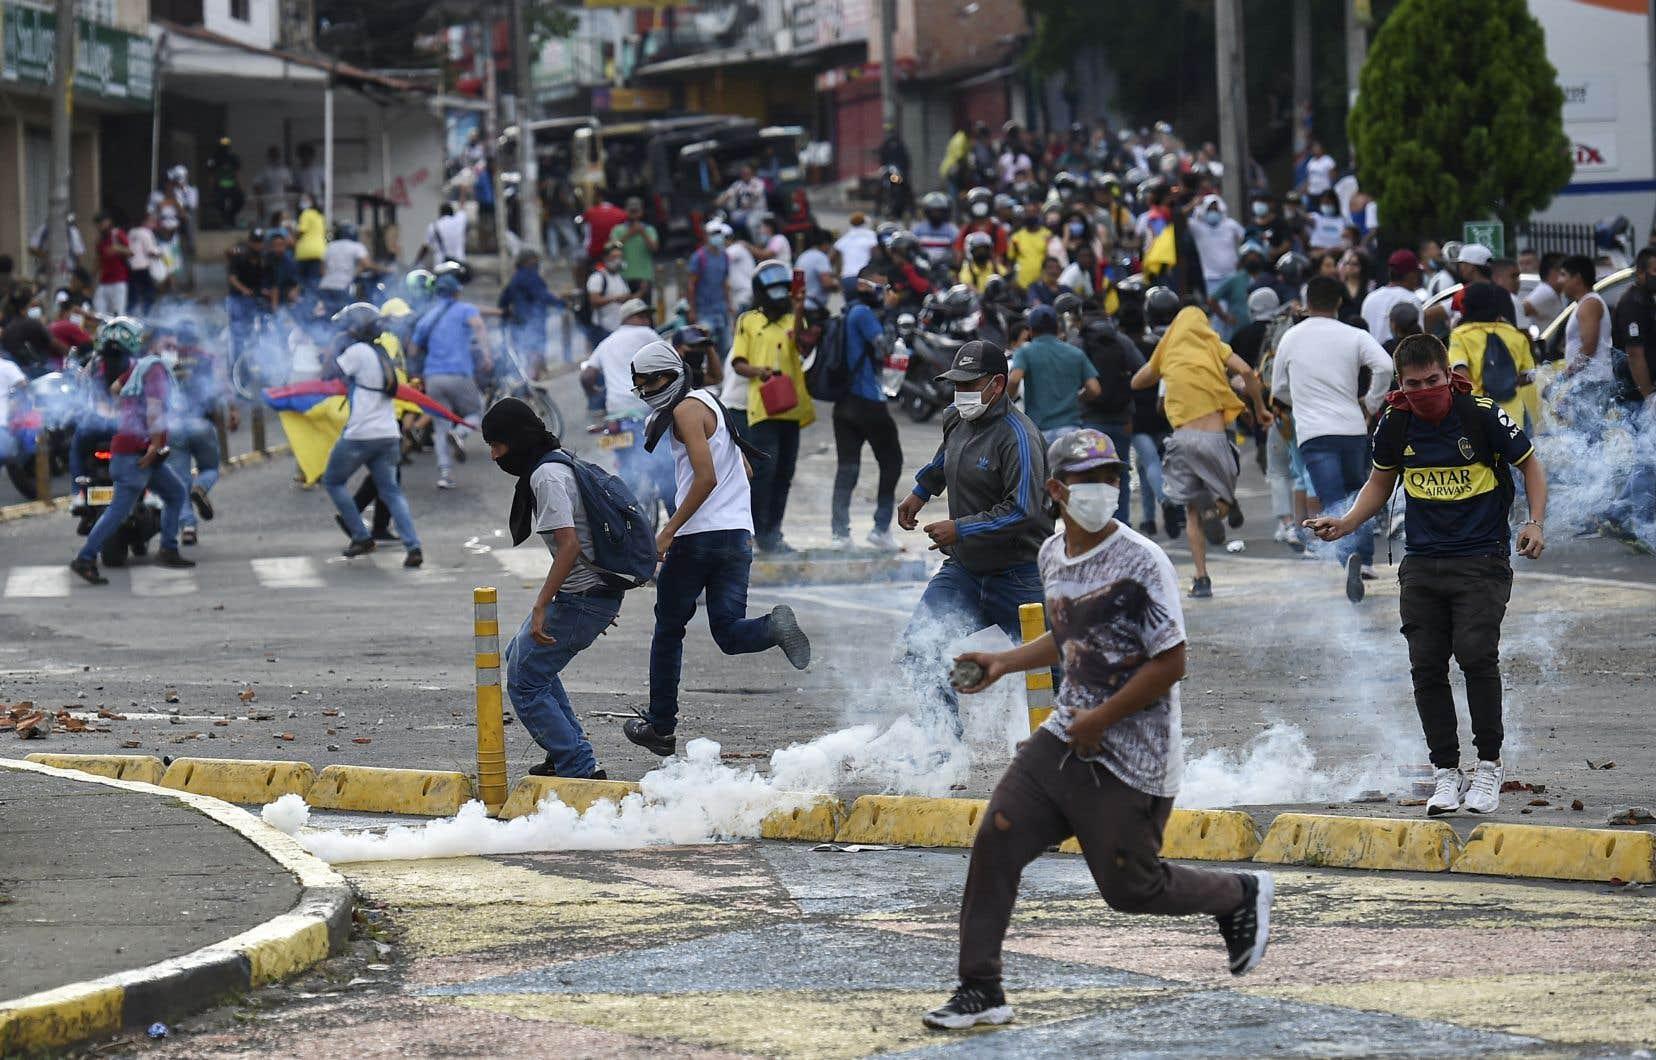 Selon l'ONG locale Temblores, les violences ont fait 35 morts à Cali, dont 14 aux mains des forces de l'ordre, en deux semaines de manifestations.